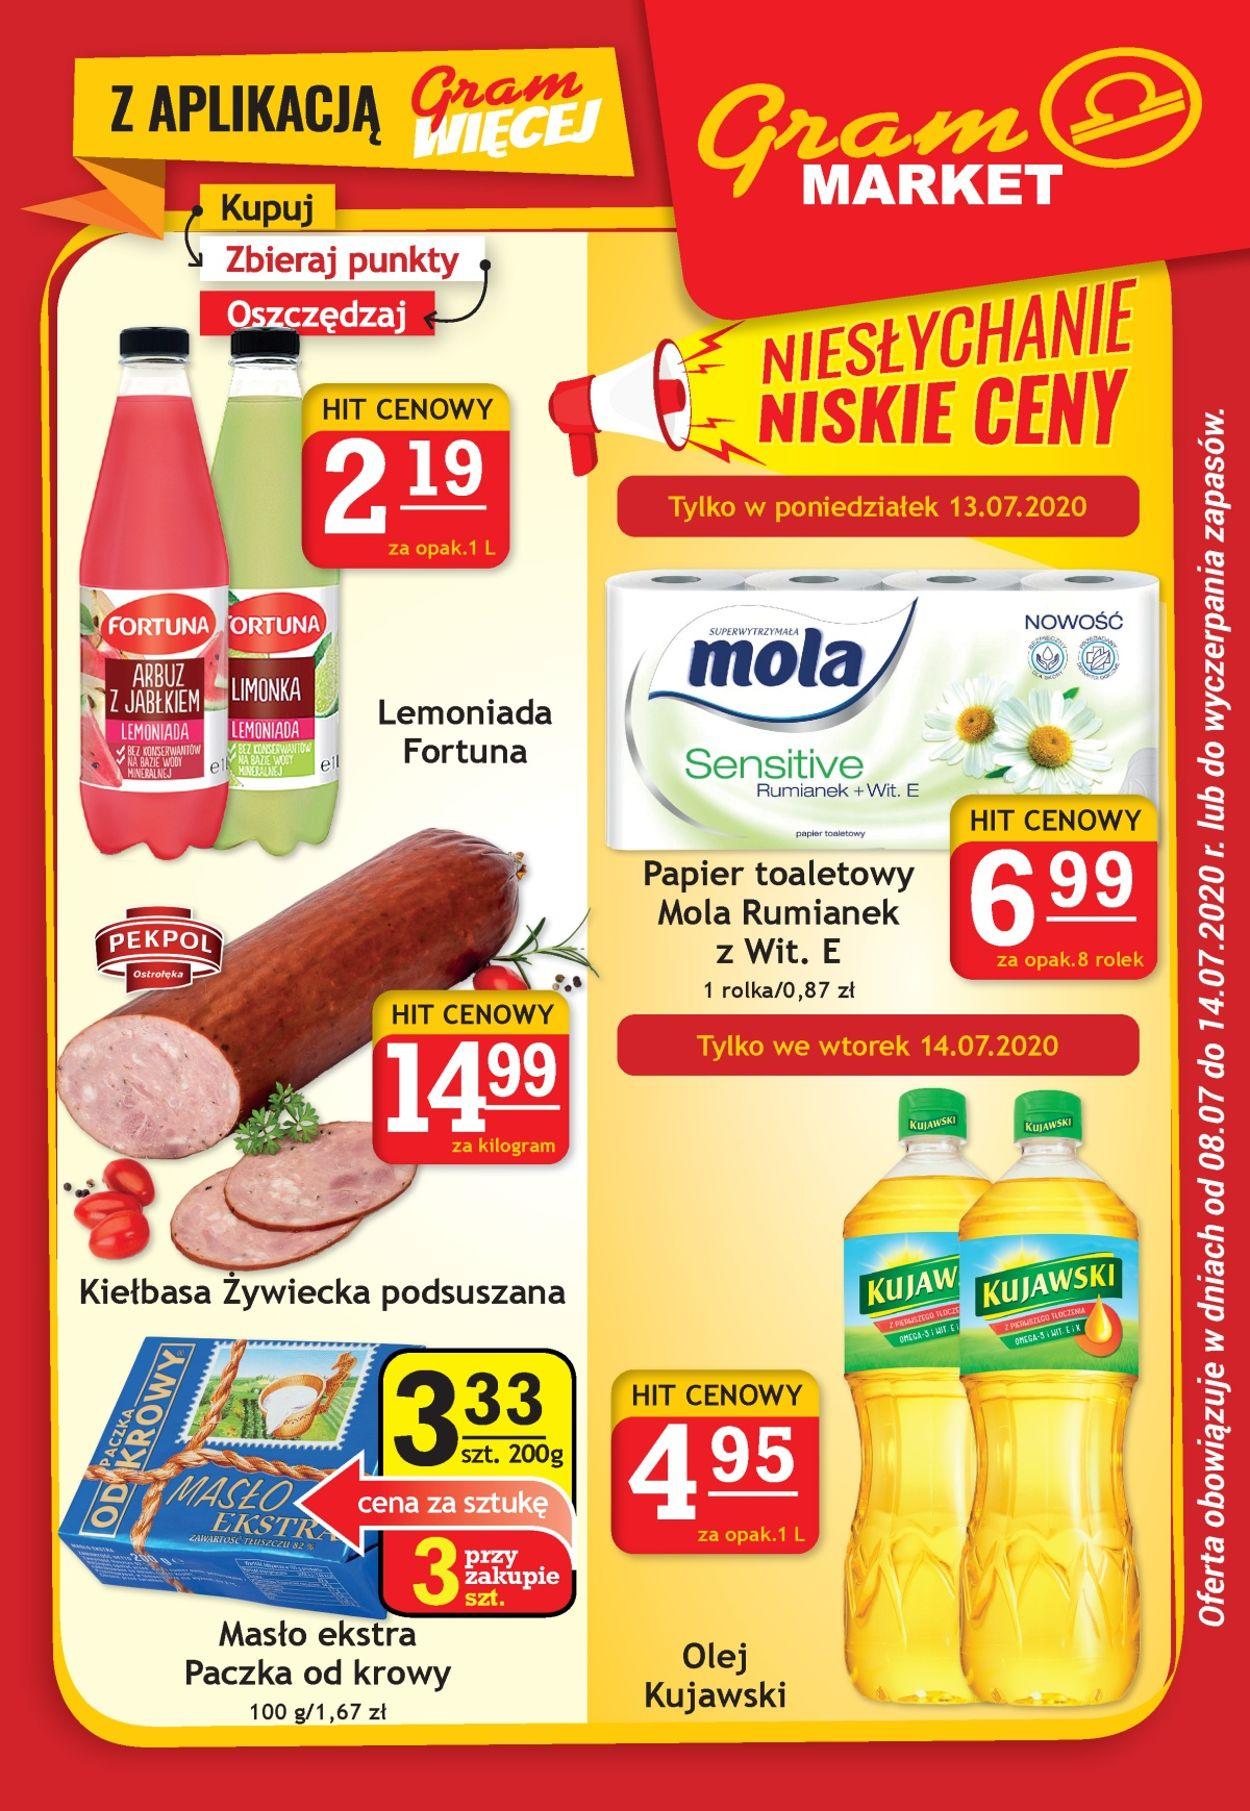 Gazetka promocyjna Gram Market - 08.07-14.07.2020